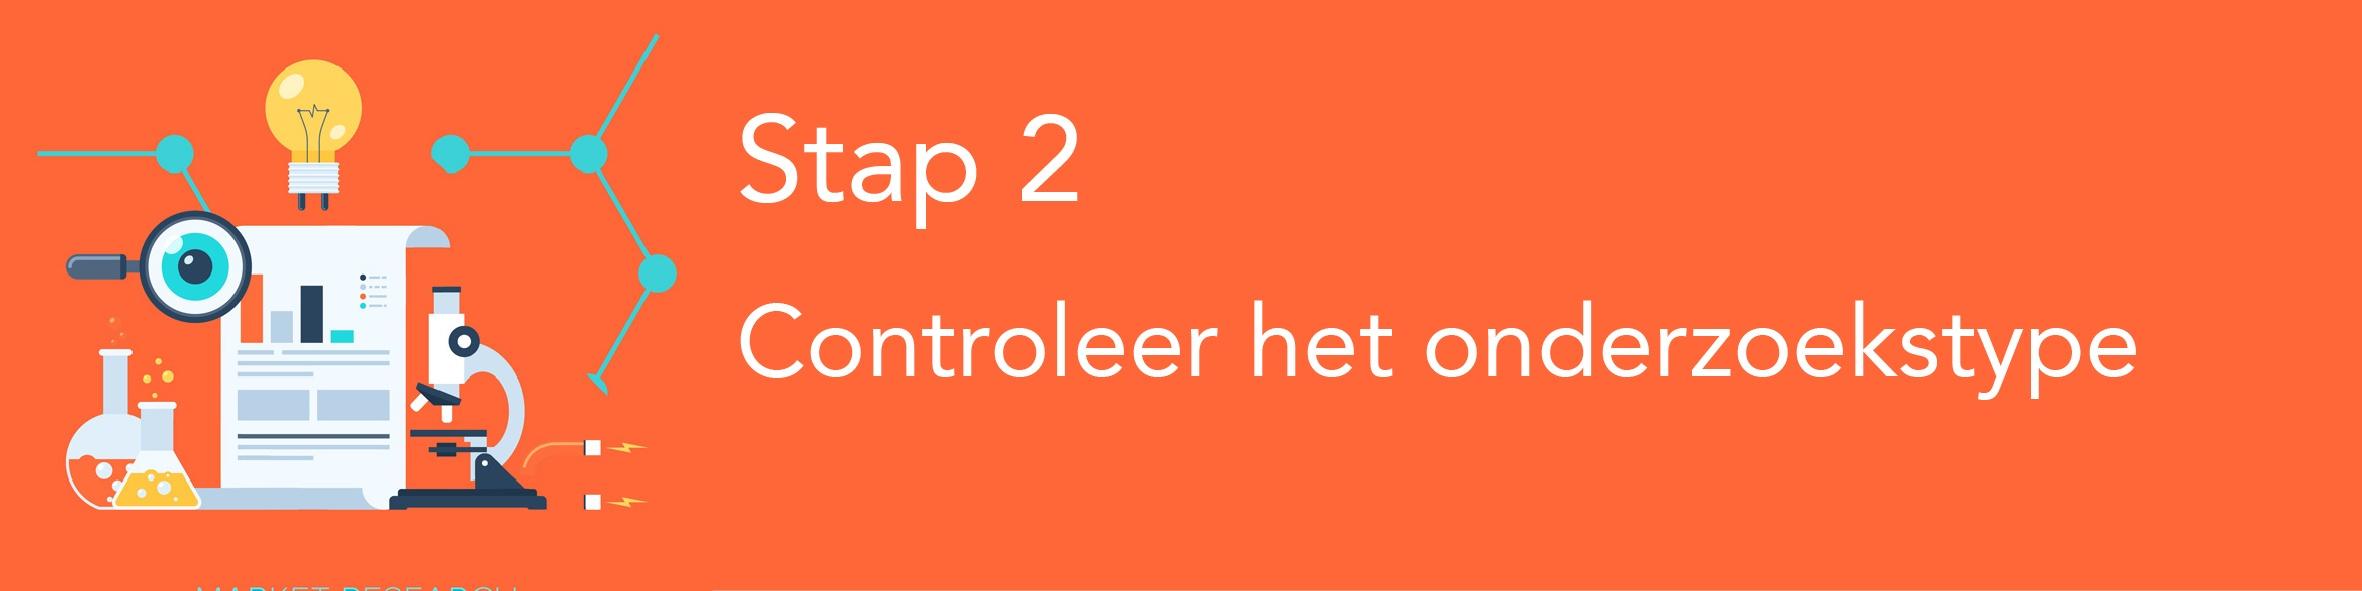 stappen-onderzoek-in-oranje-met-tekst2-5